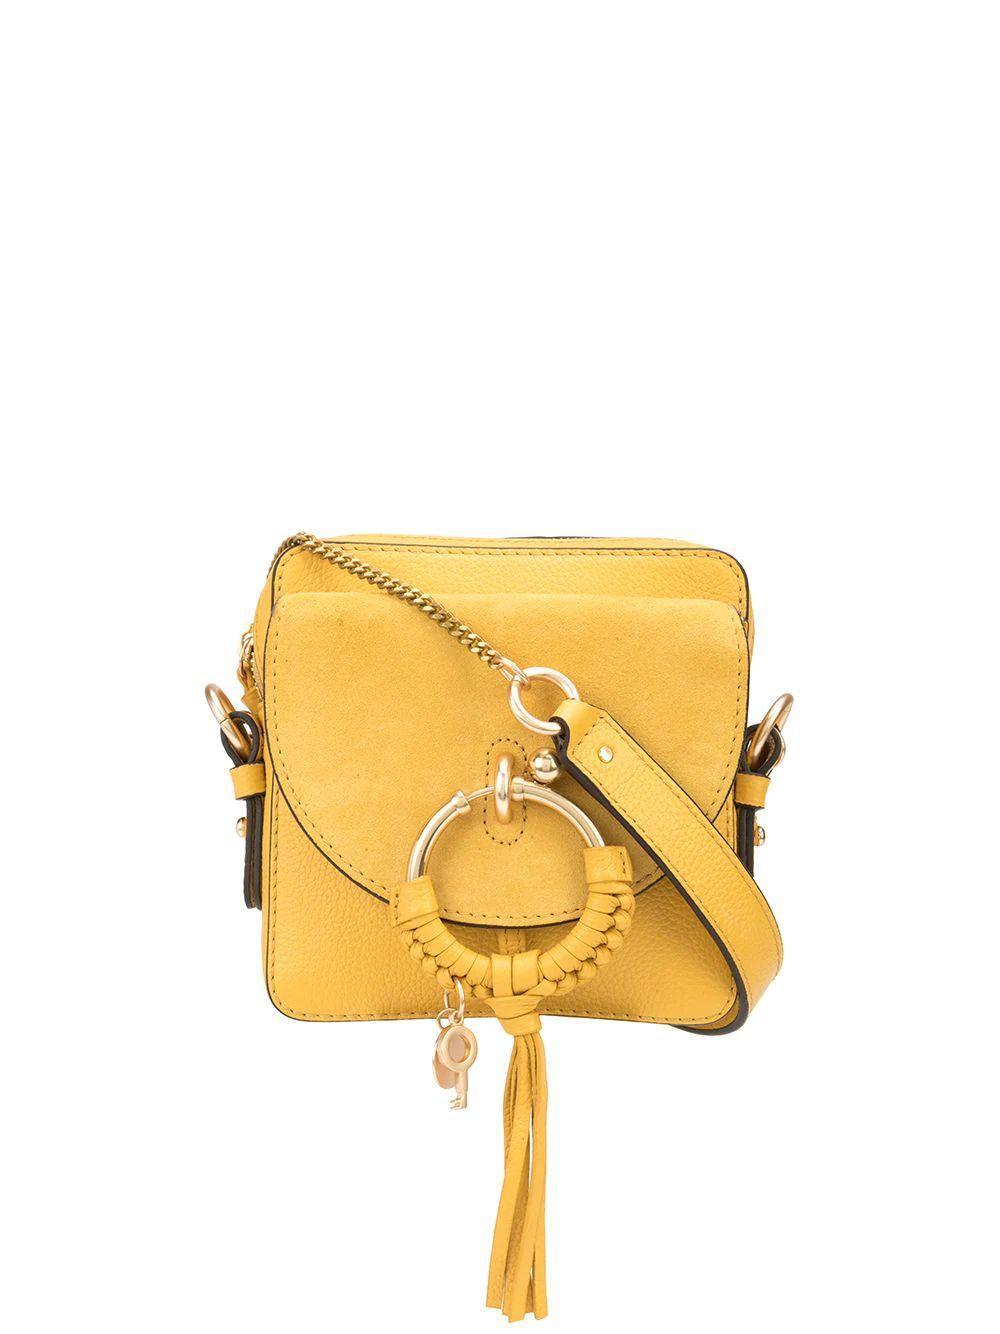 Mini Joan Crossbody Item # CHS19SS994330-F21